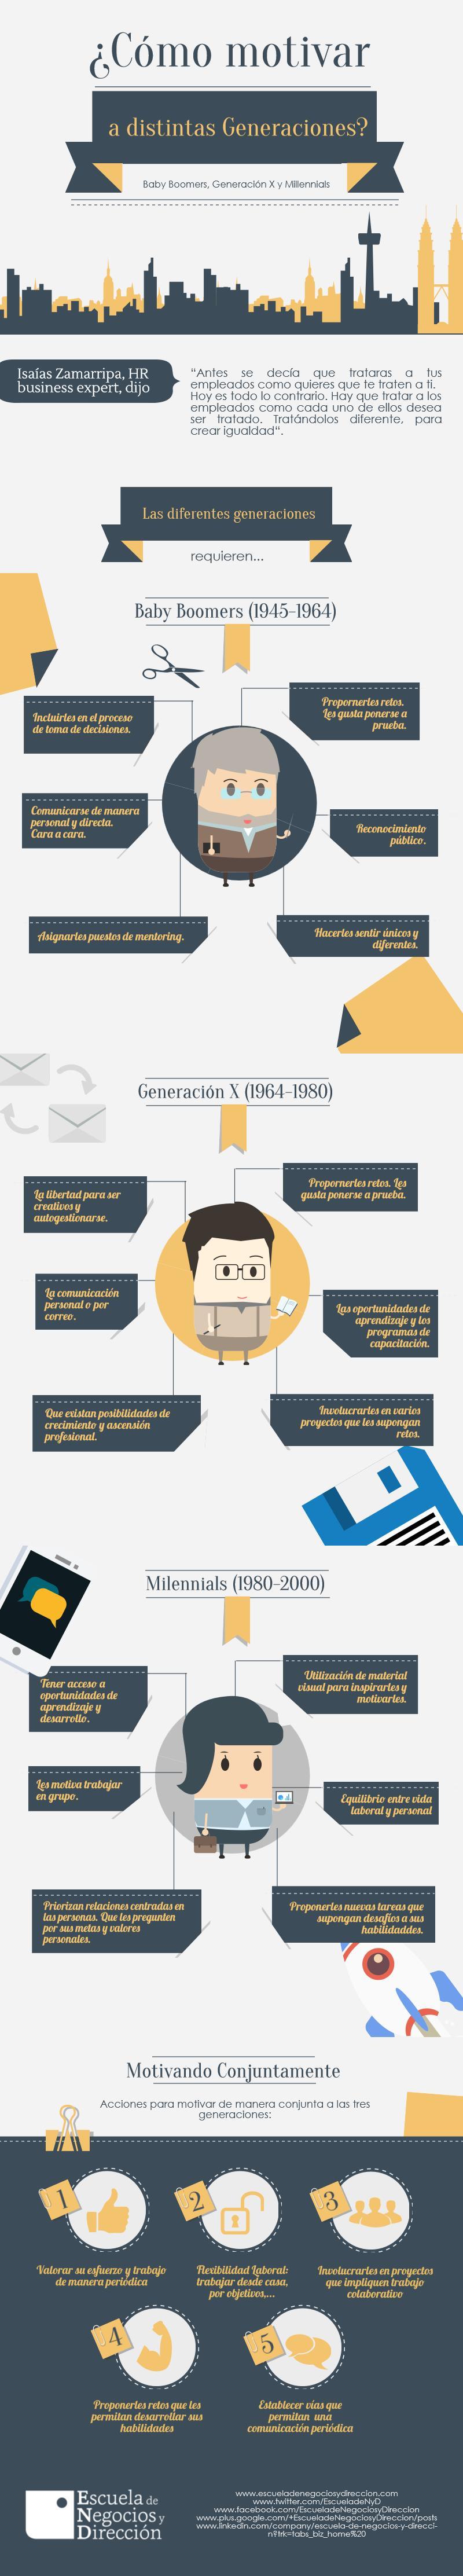 motivando-segun-la-generacion-enyd